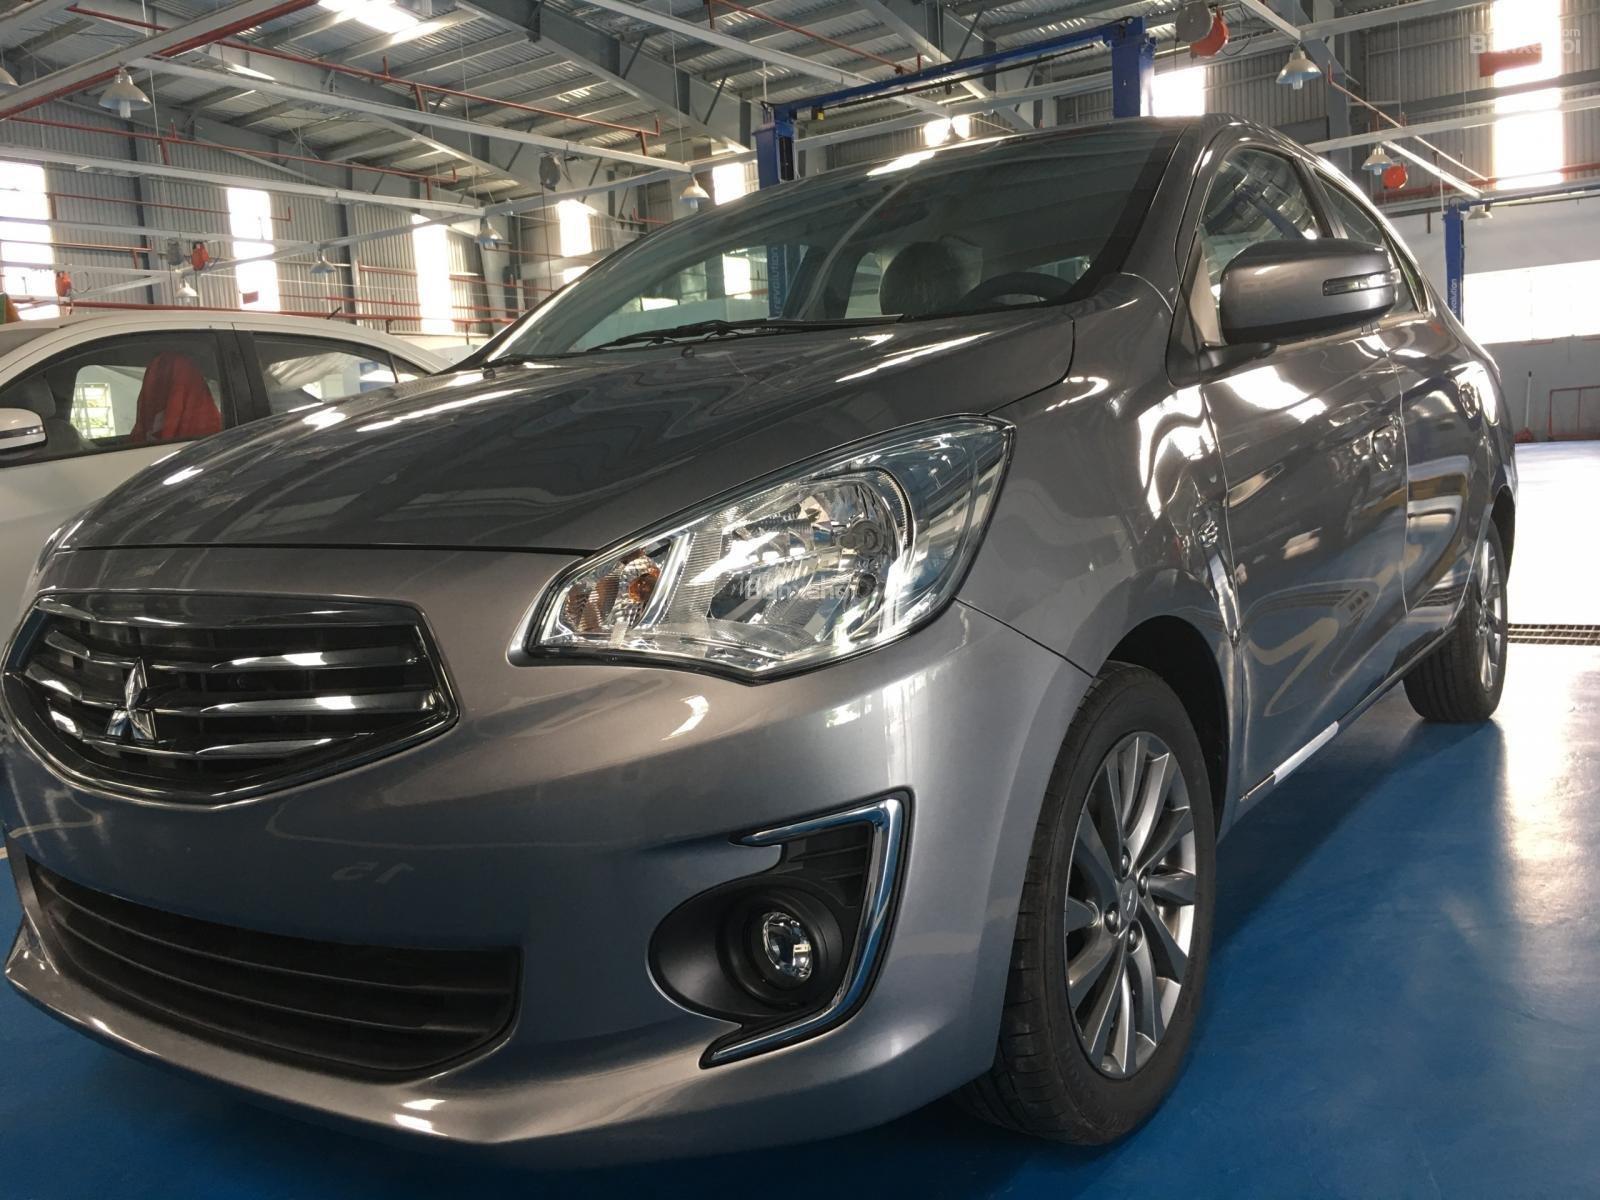 Cần bán Mitsubishi Attrage CVT 2019, nhập khẩu, giao xe ngay. Liên hệ: 0938.598.738-0